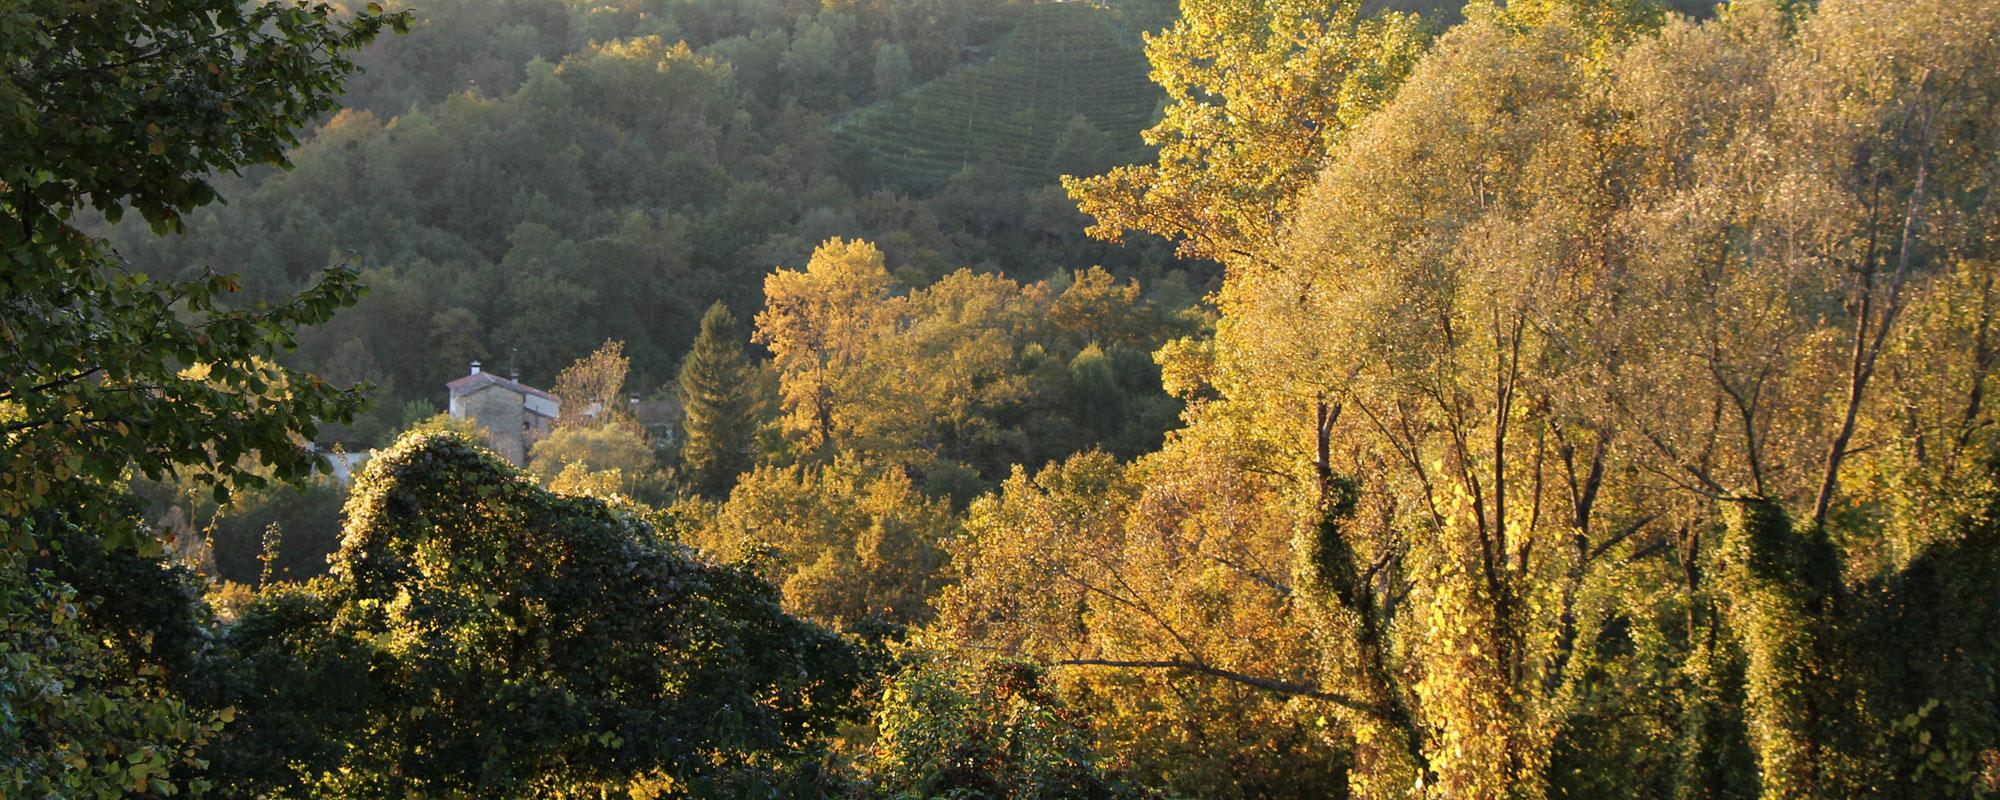 les collines de conegliano valdobbiadene